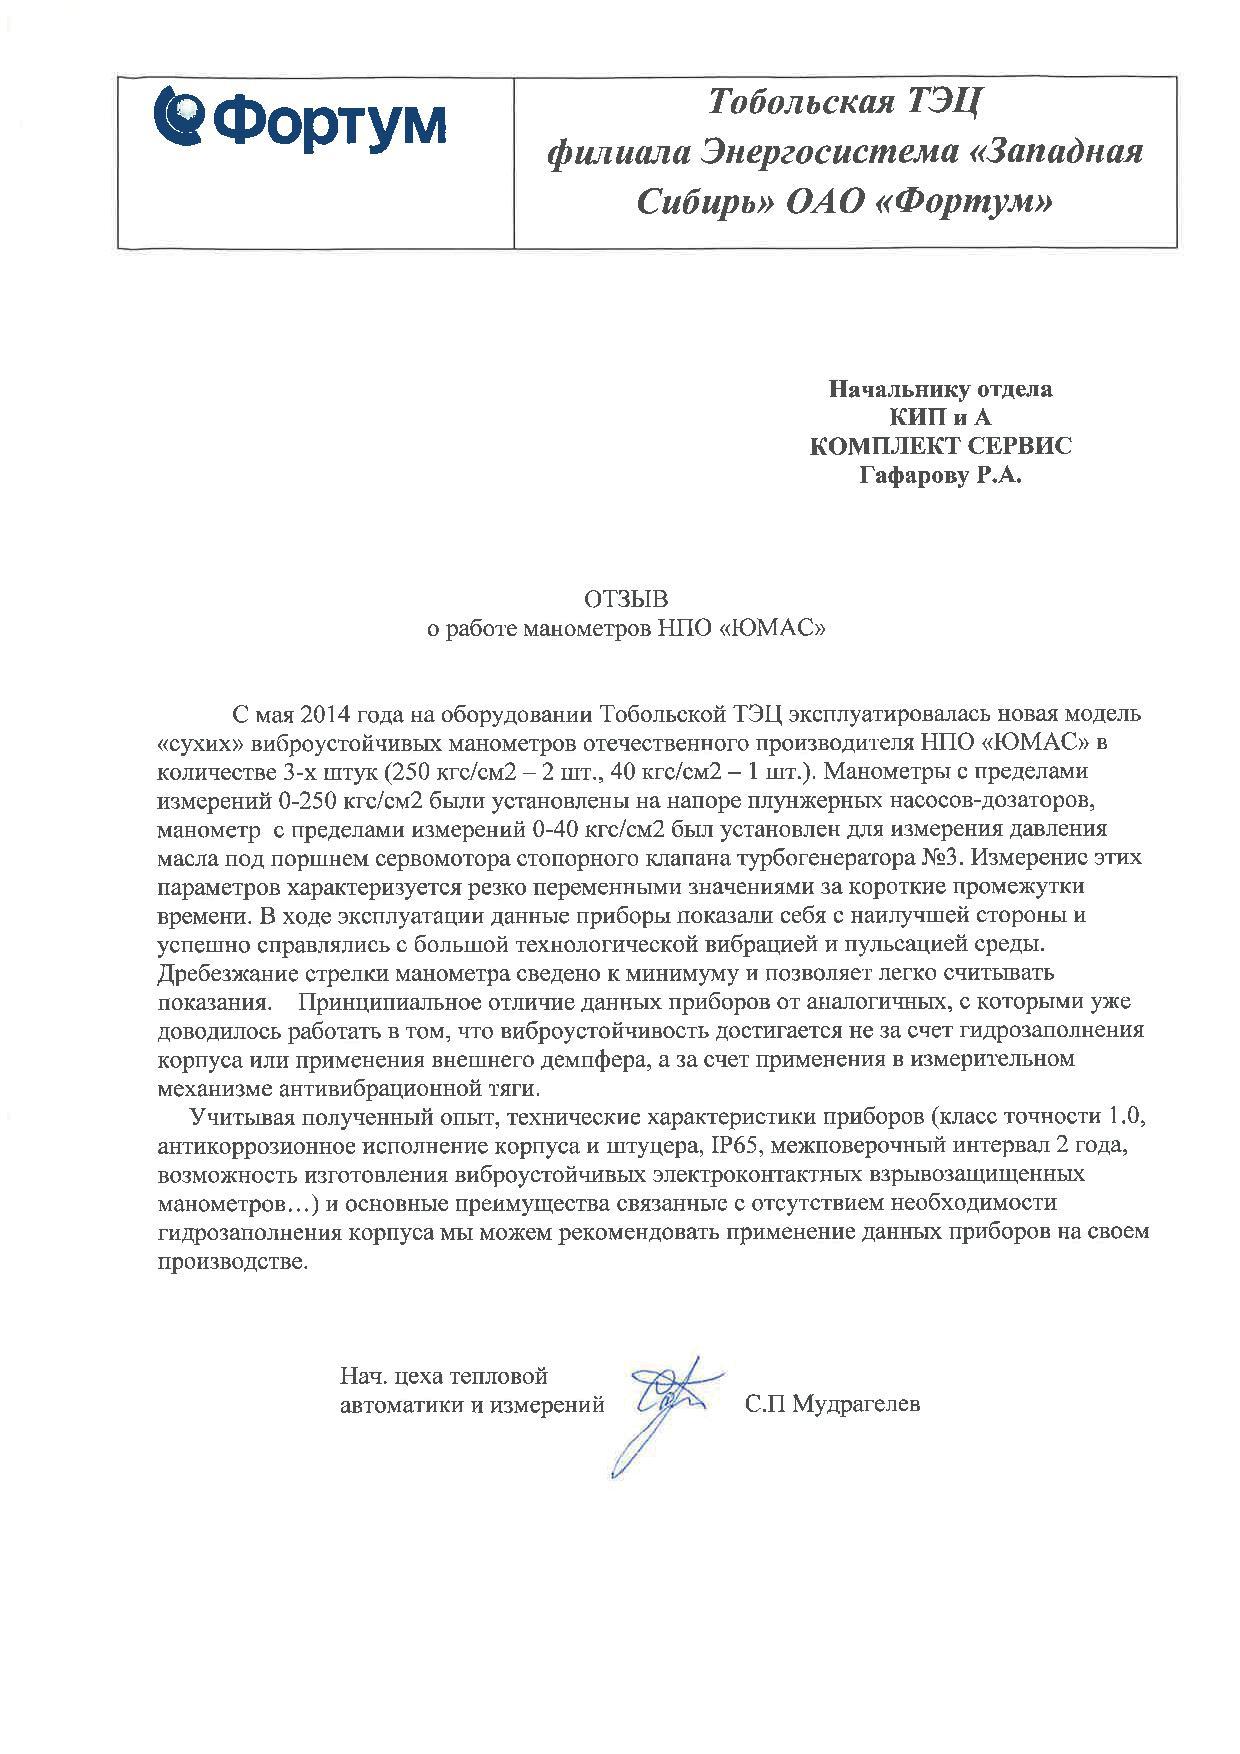 Тобольская ТЭЦ филиала Энергосистема Западная Сибирь ОАО Фортум